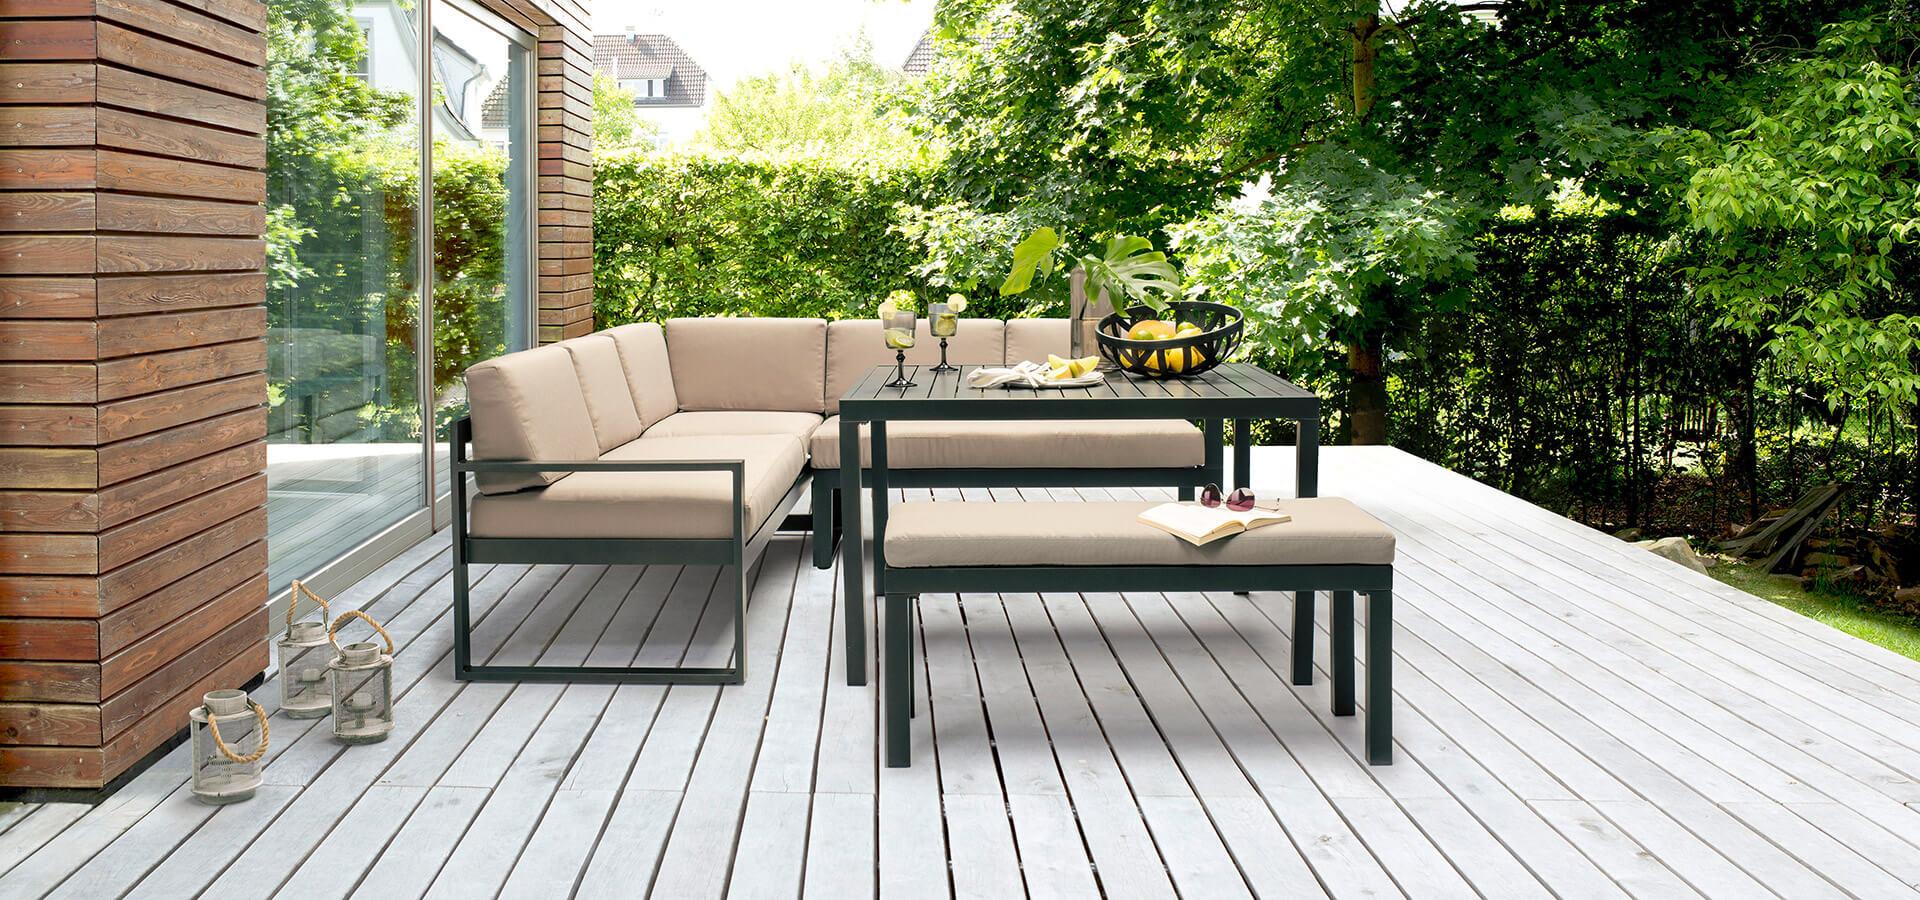 Aluminium Loungemöbel auf der Terrasse